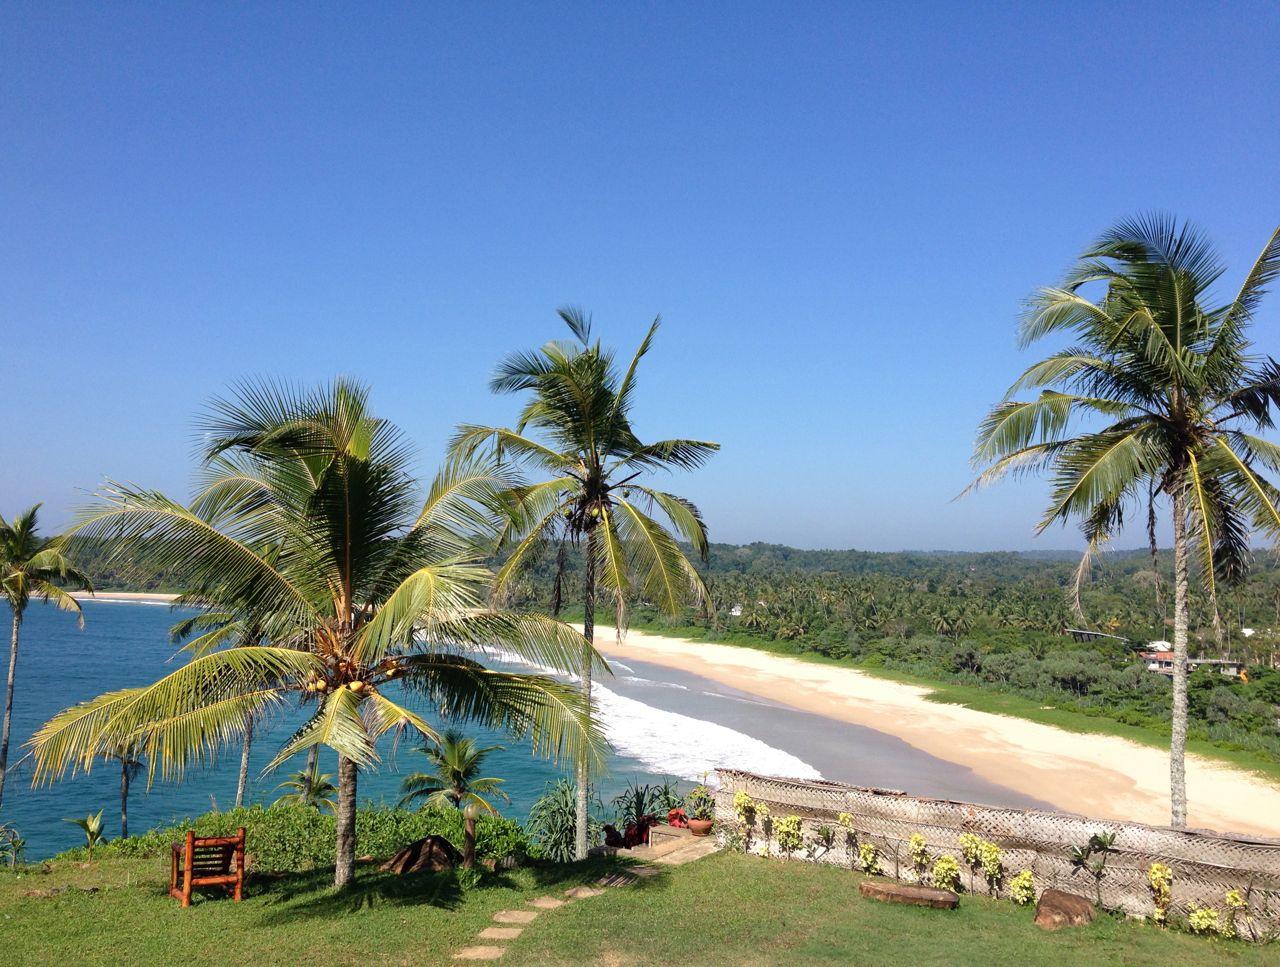 Vue sur Tala depuis l'hôtel Panorama, au sud du Sri Lanka.